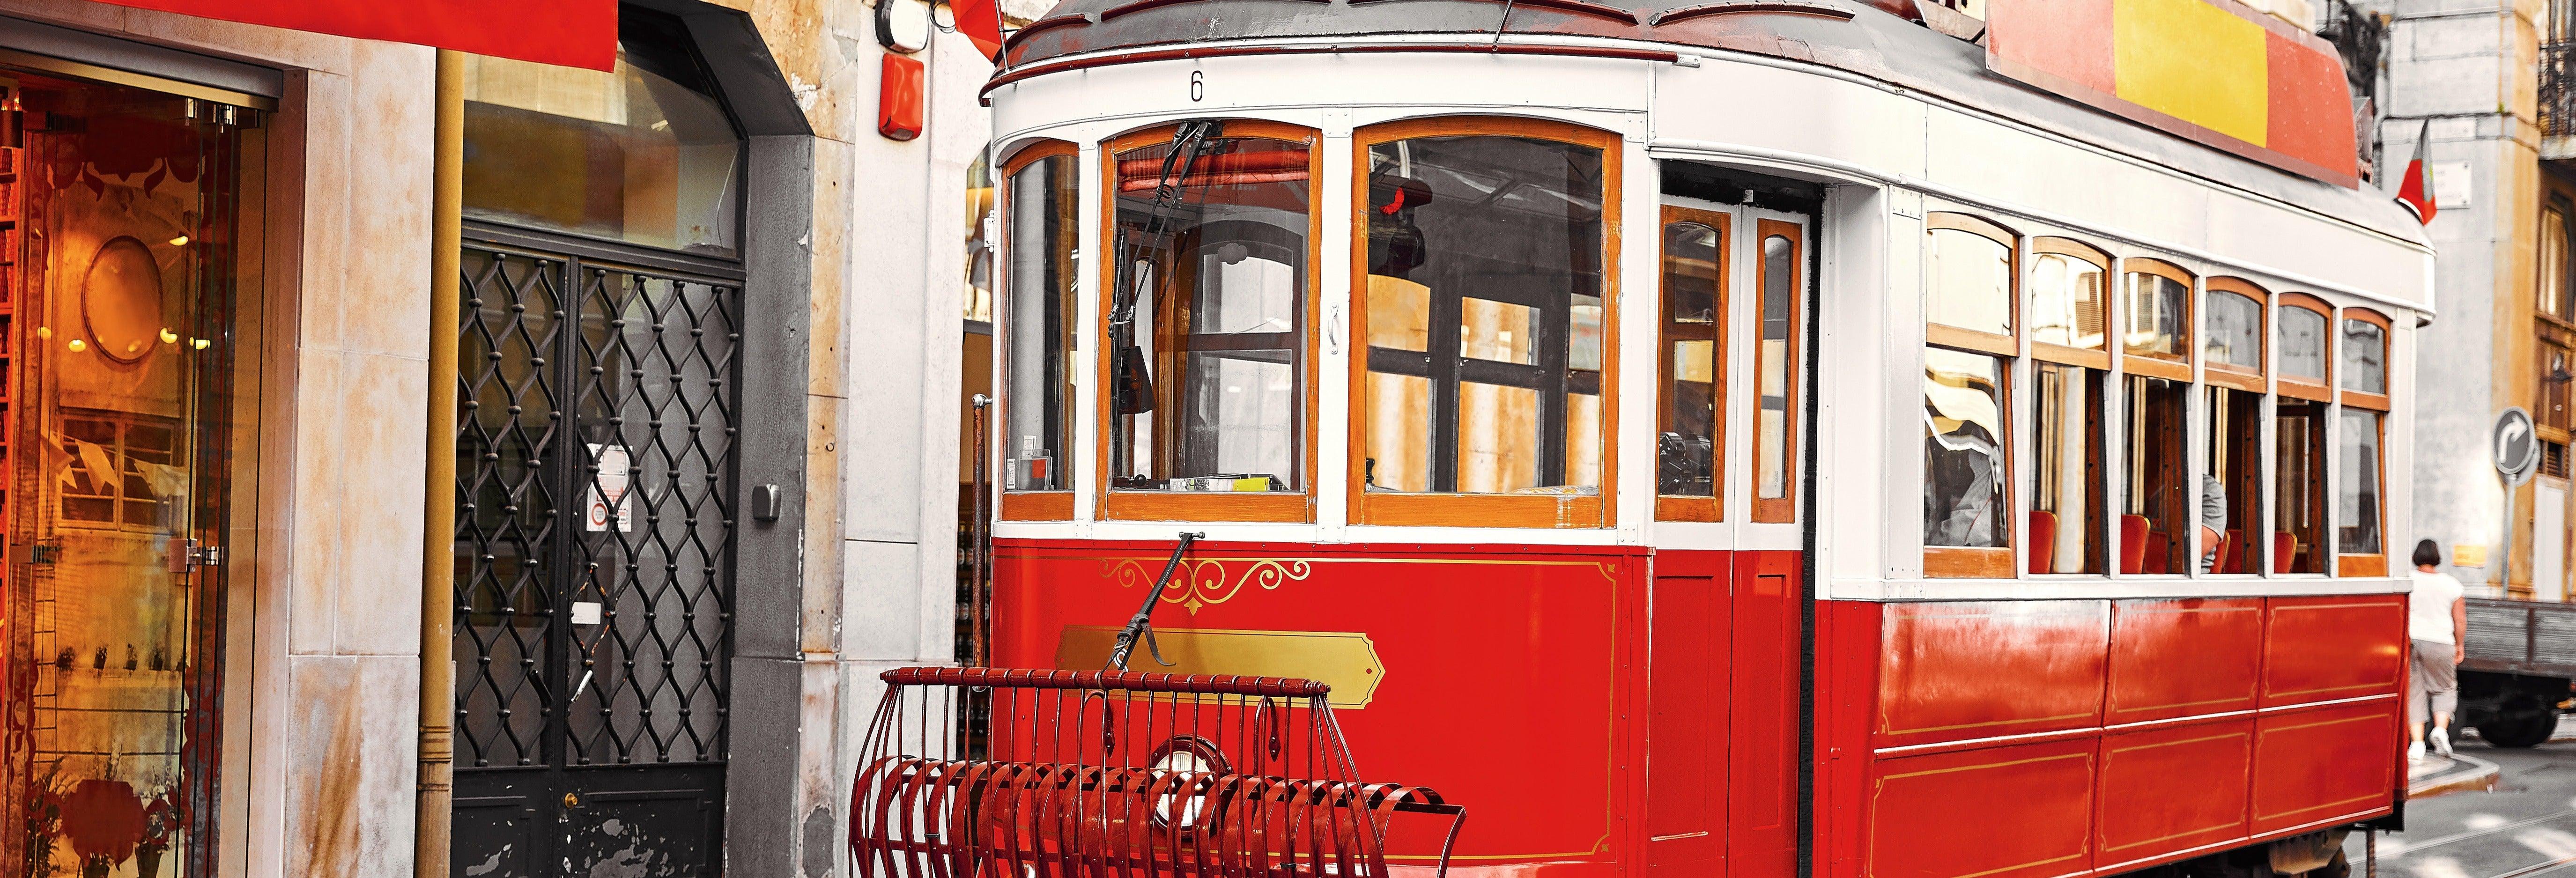 Tranvía turístico de Lisboa + Elevador de Santa Justa y funiculares